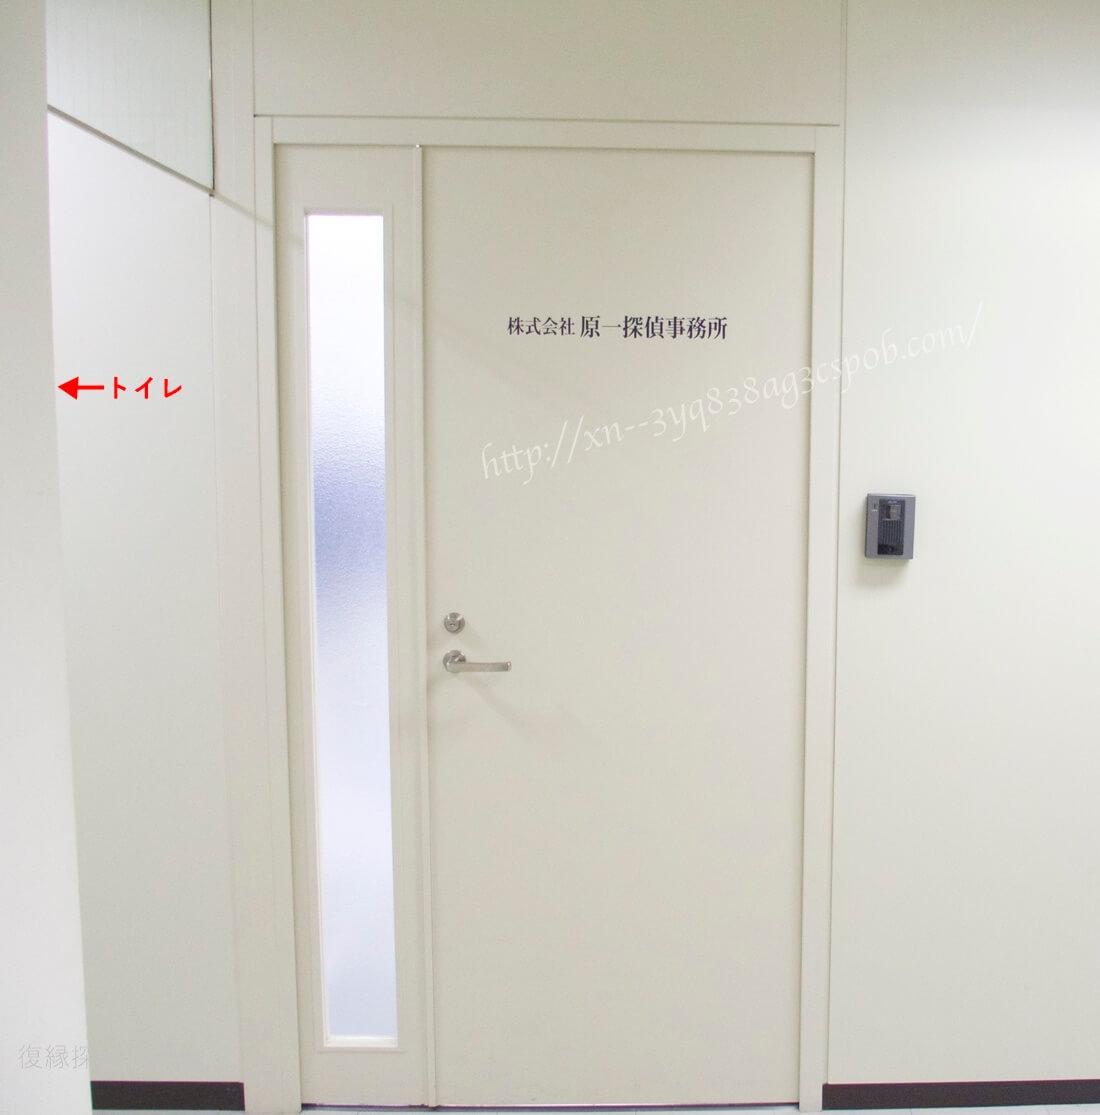 原一探偵事務所神奈川拠点・横浜の口コミ・評判